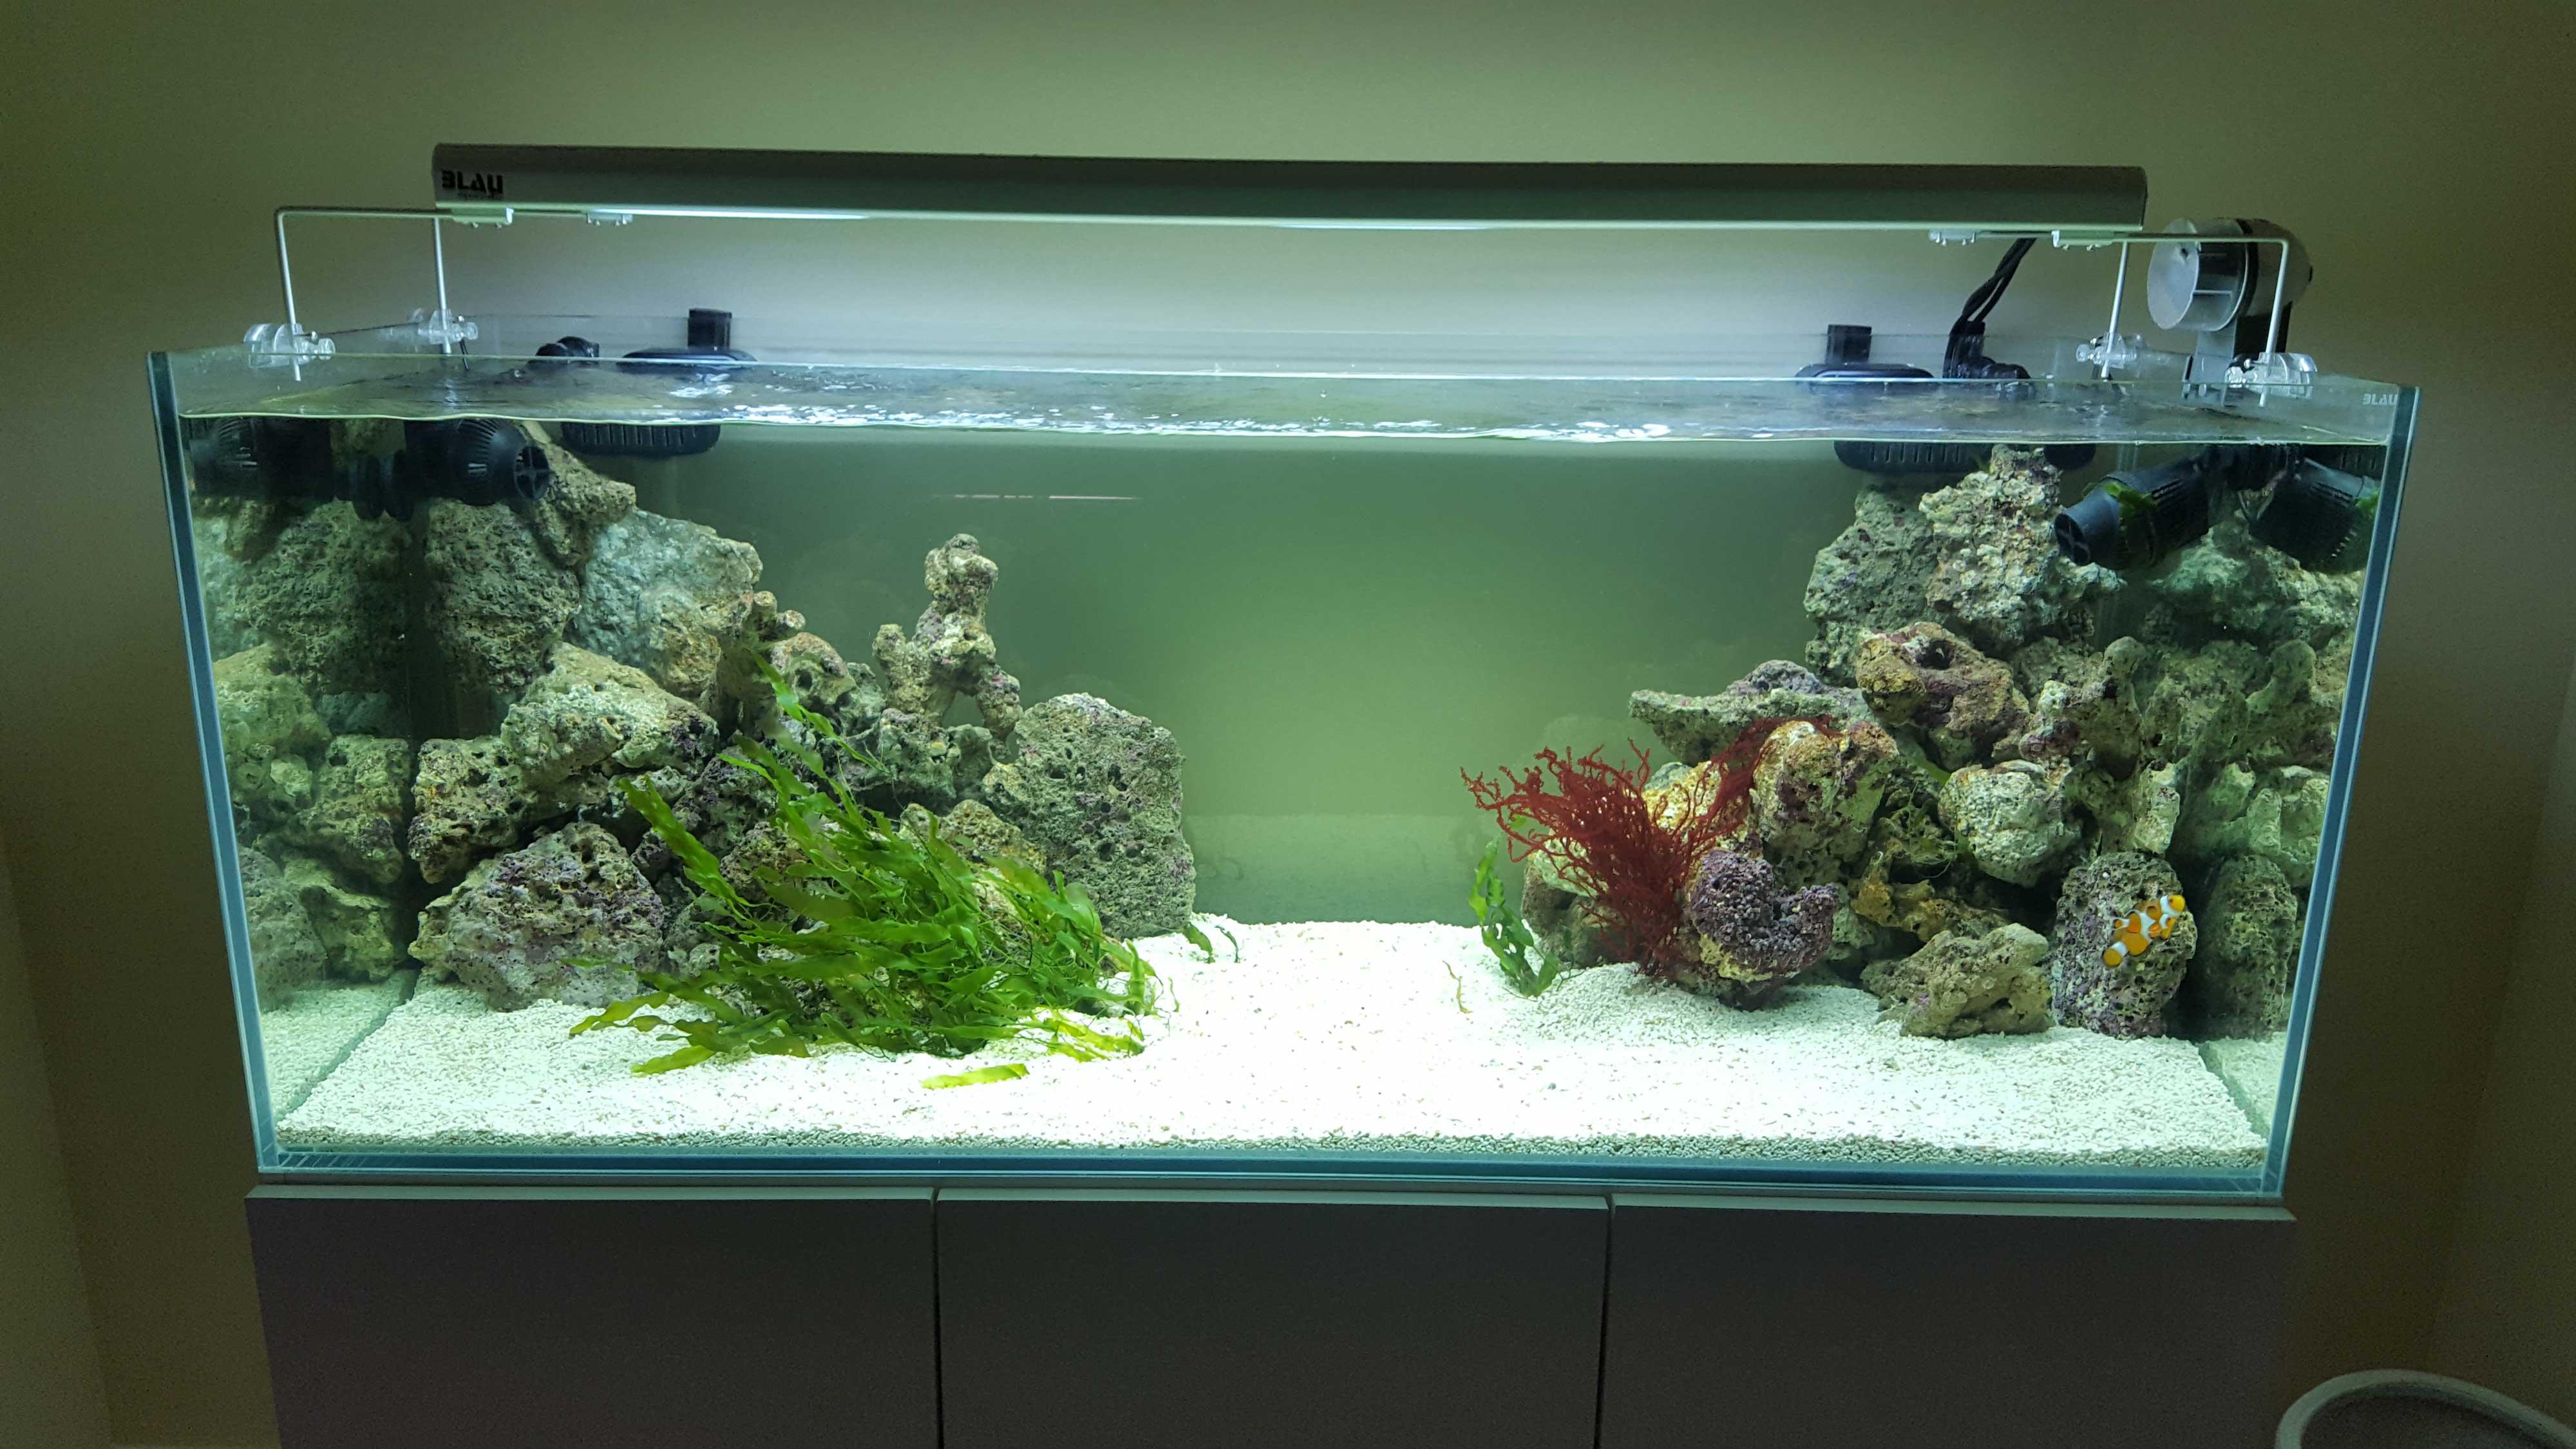 Acuario marino 540 litros elomar acuarios - Decoracion acuario marino ...